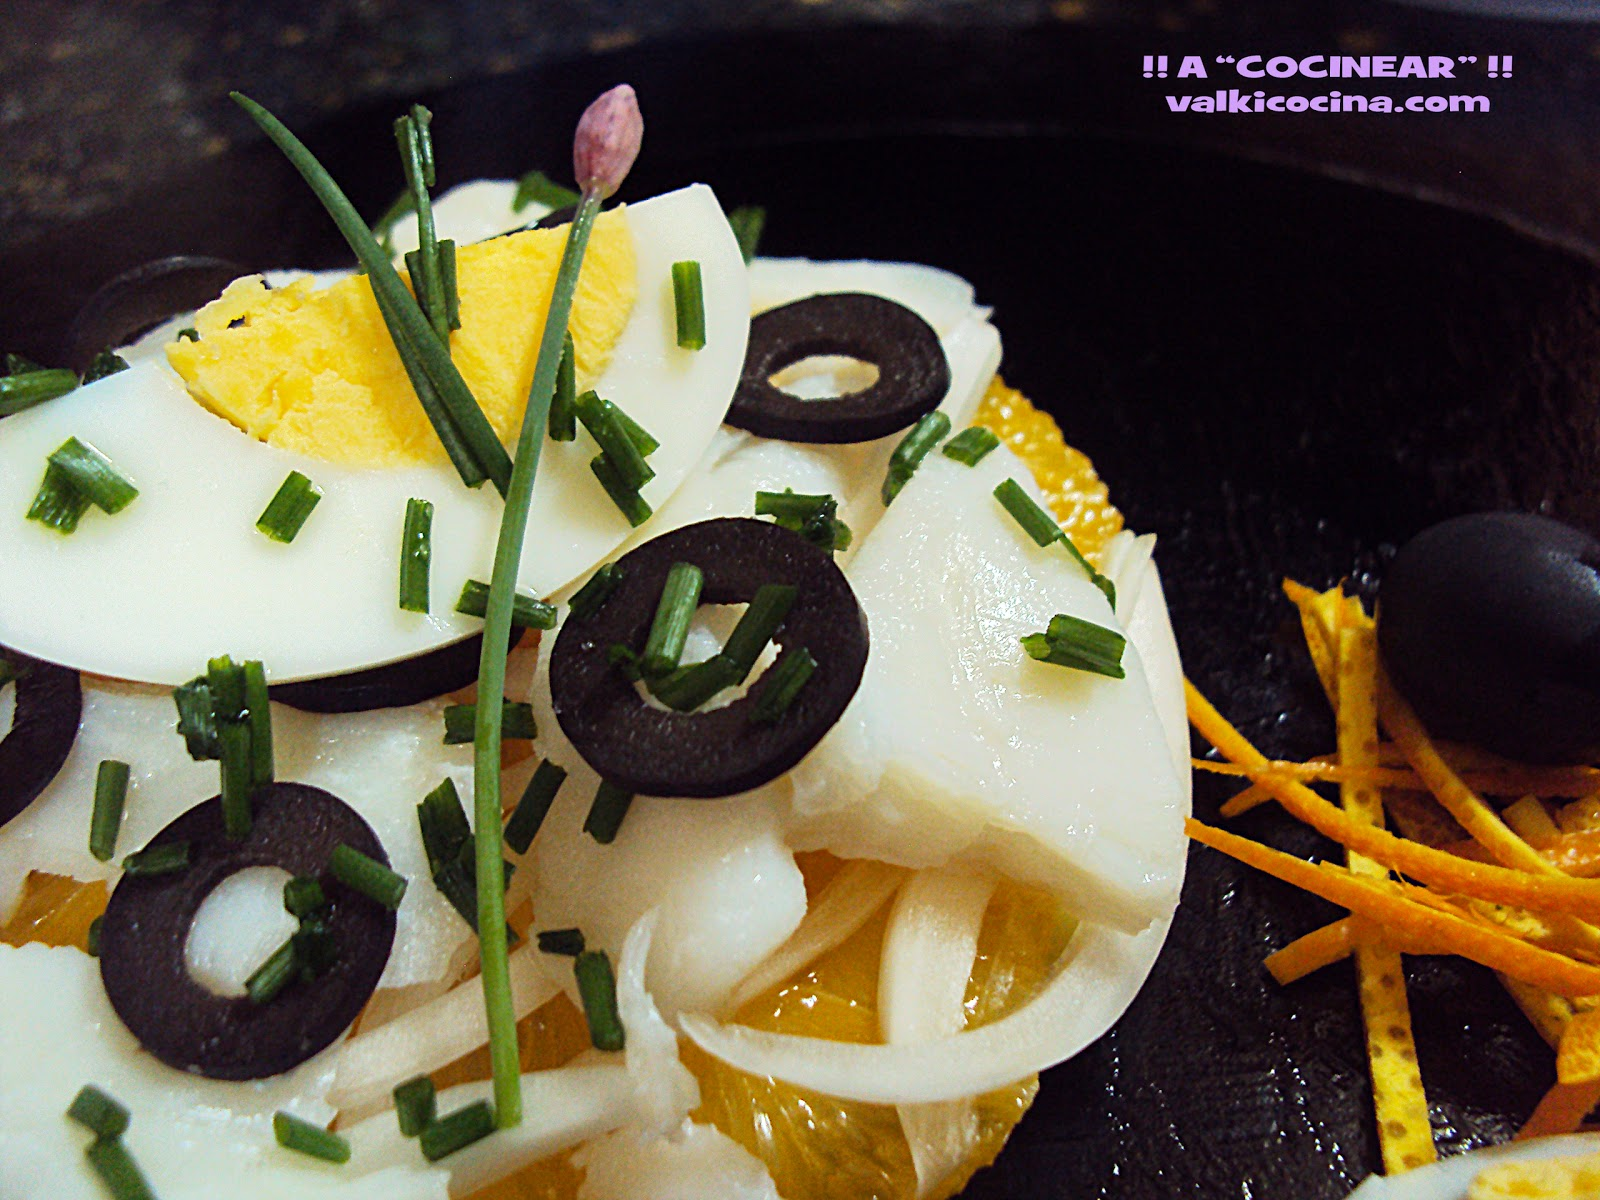 ensalada de bacalao, patatas y naranja